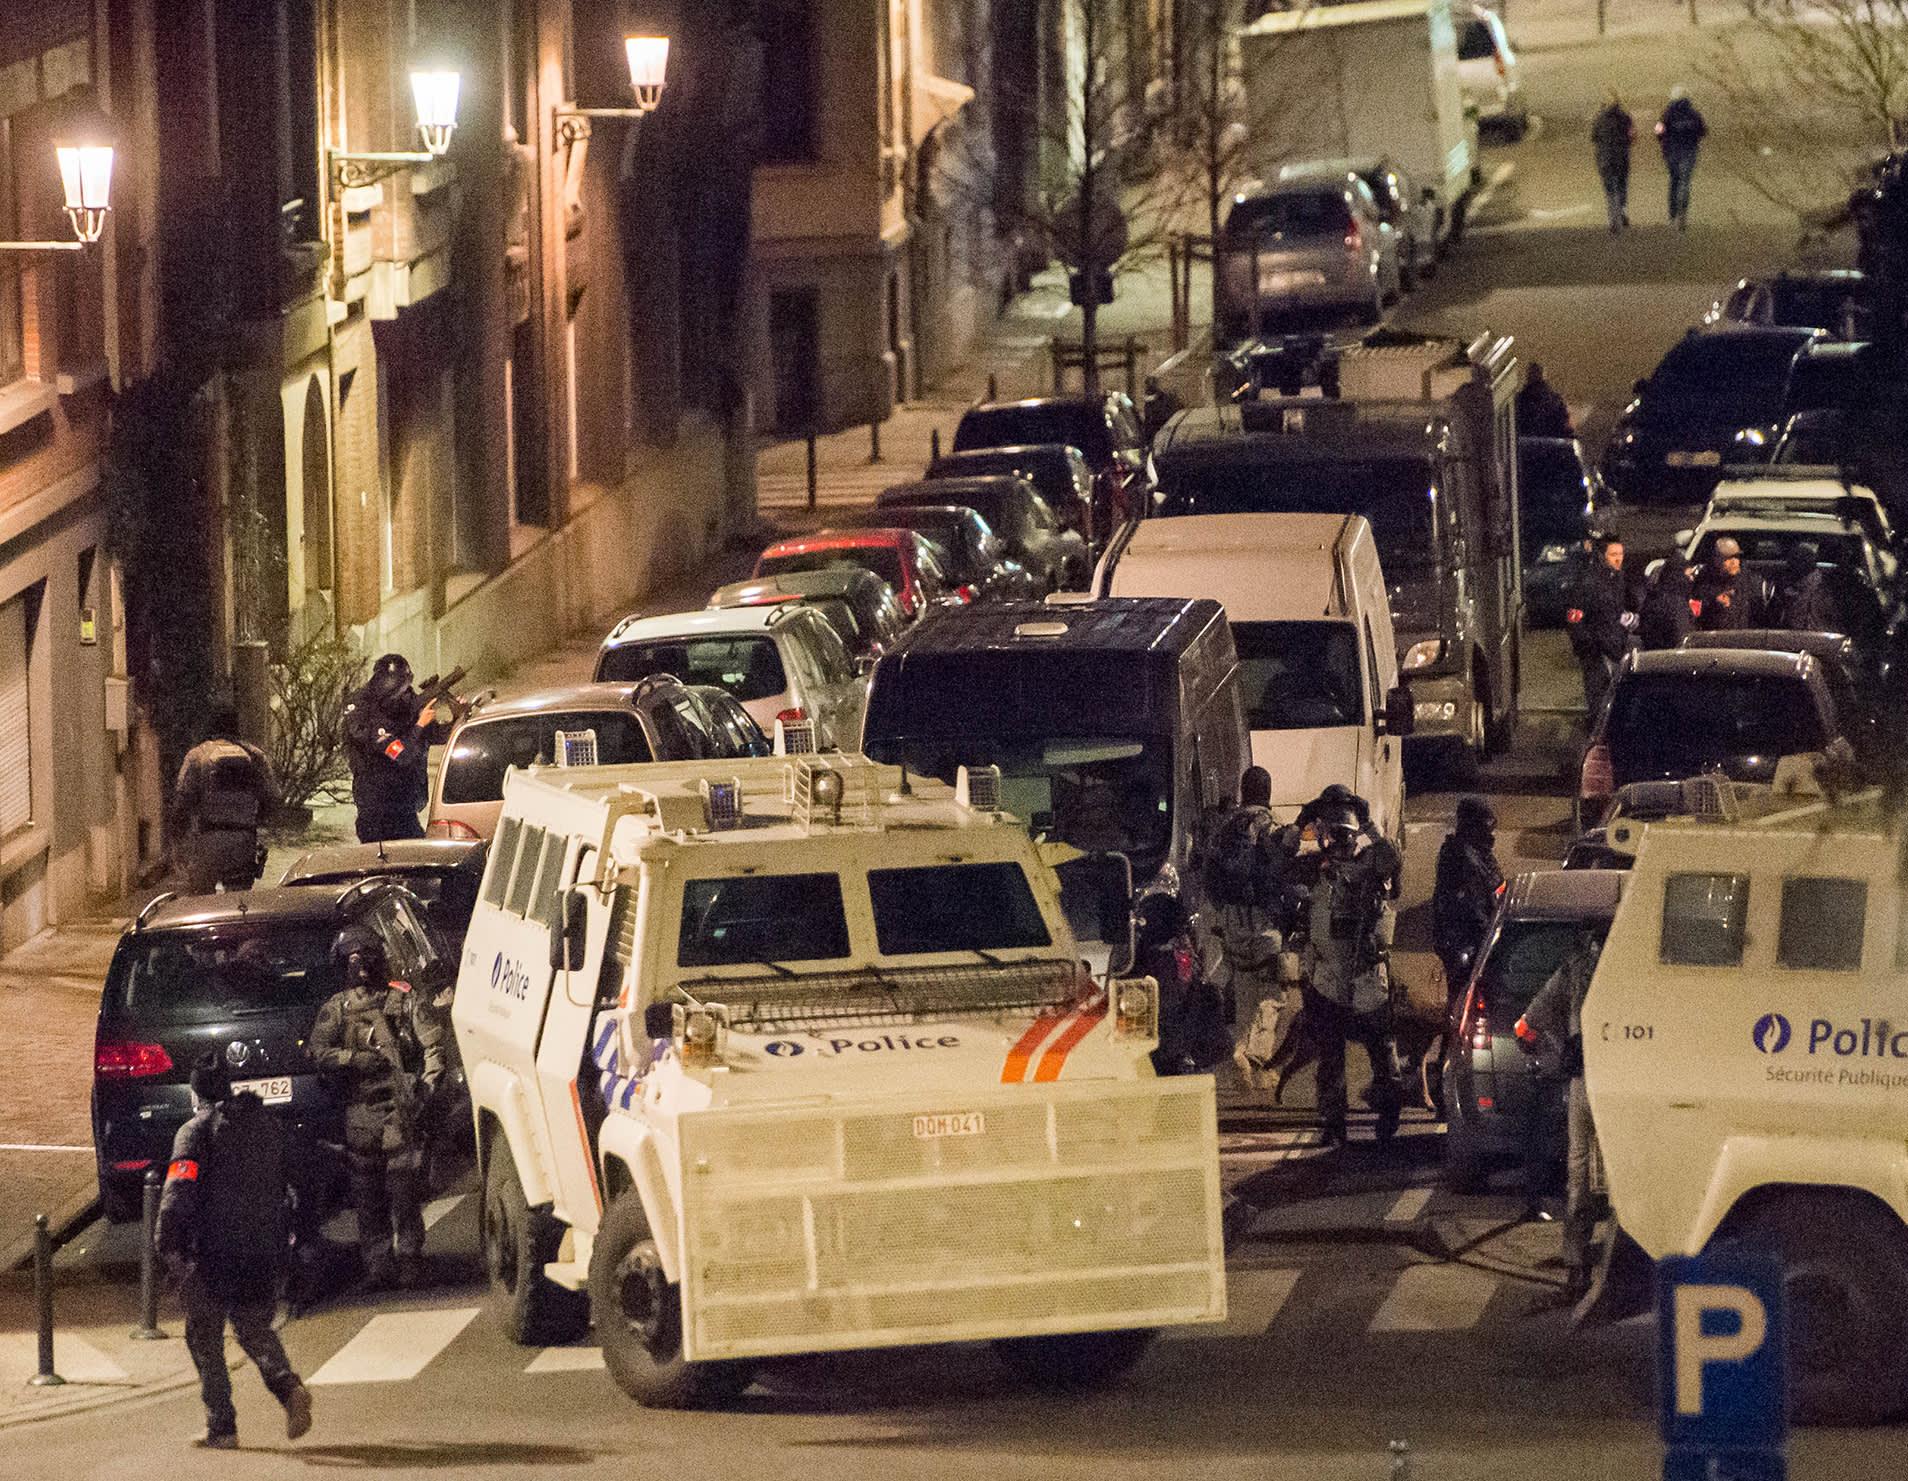 Poliiseja Shaerbeekin kaupunginosassa Brysselissä 22. maaliskuuta.